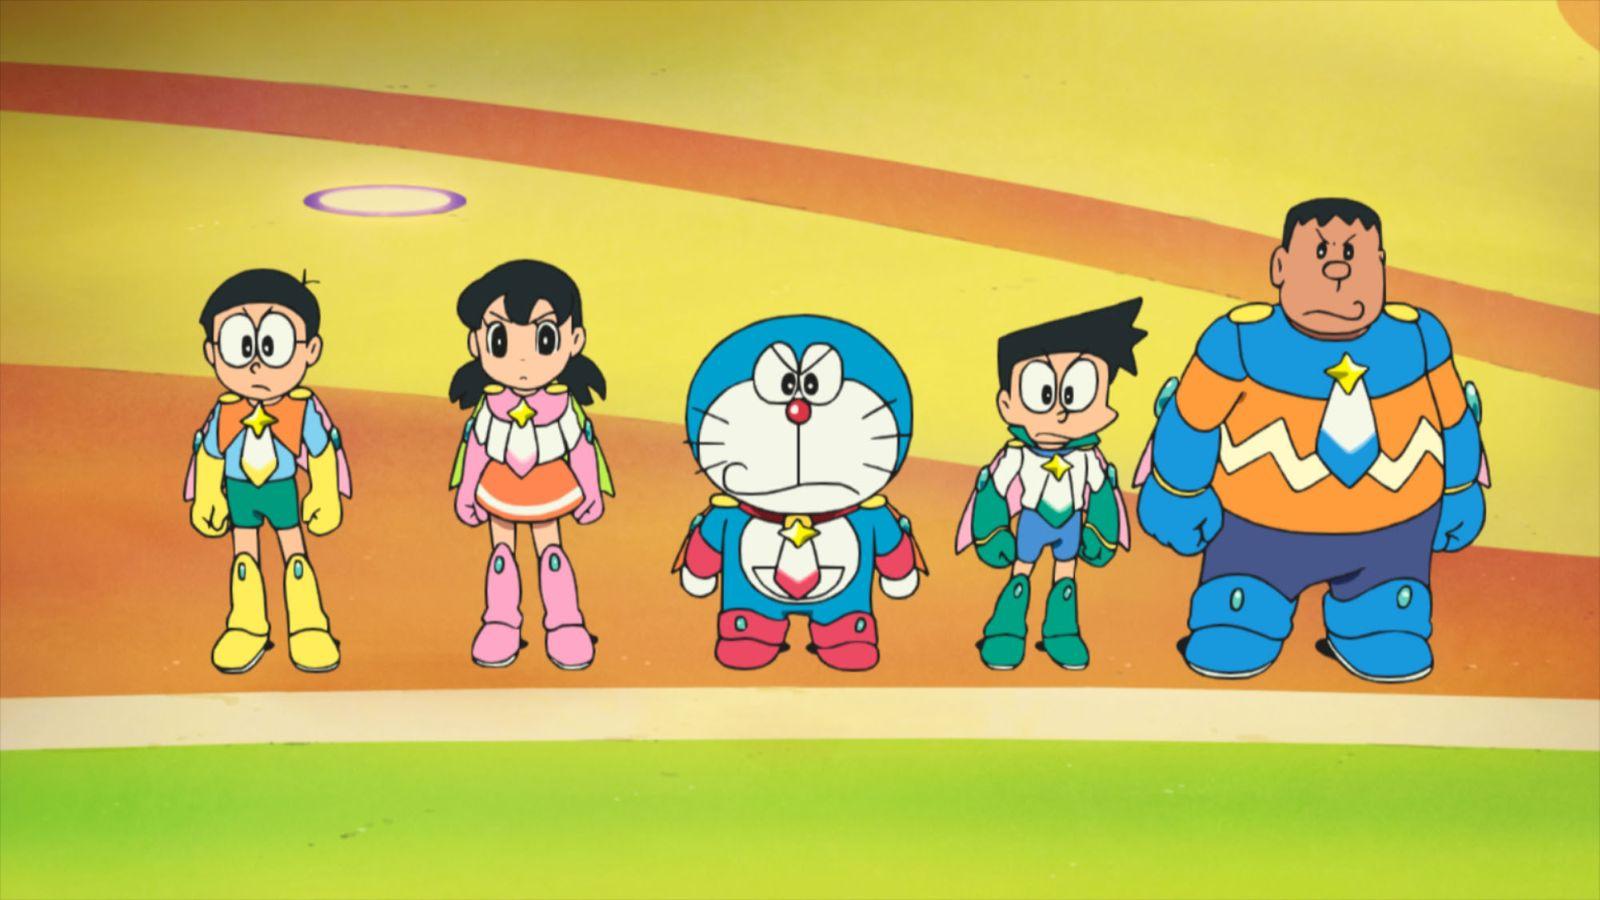 Doraemon il film: Nobita e gli eroi dello spazio, una scena del film d'animazione